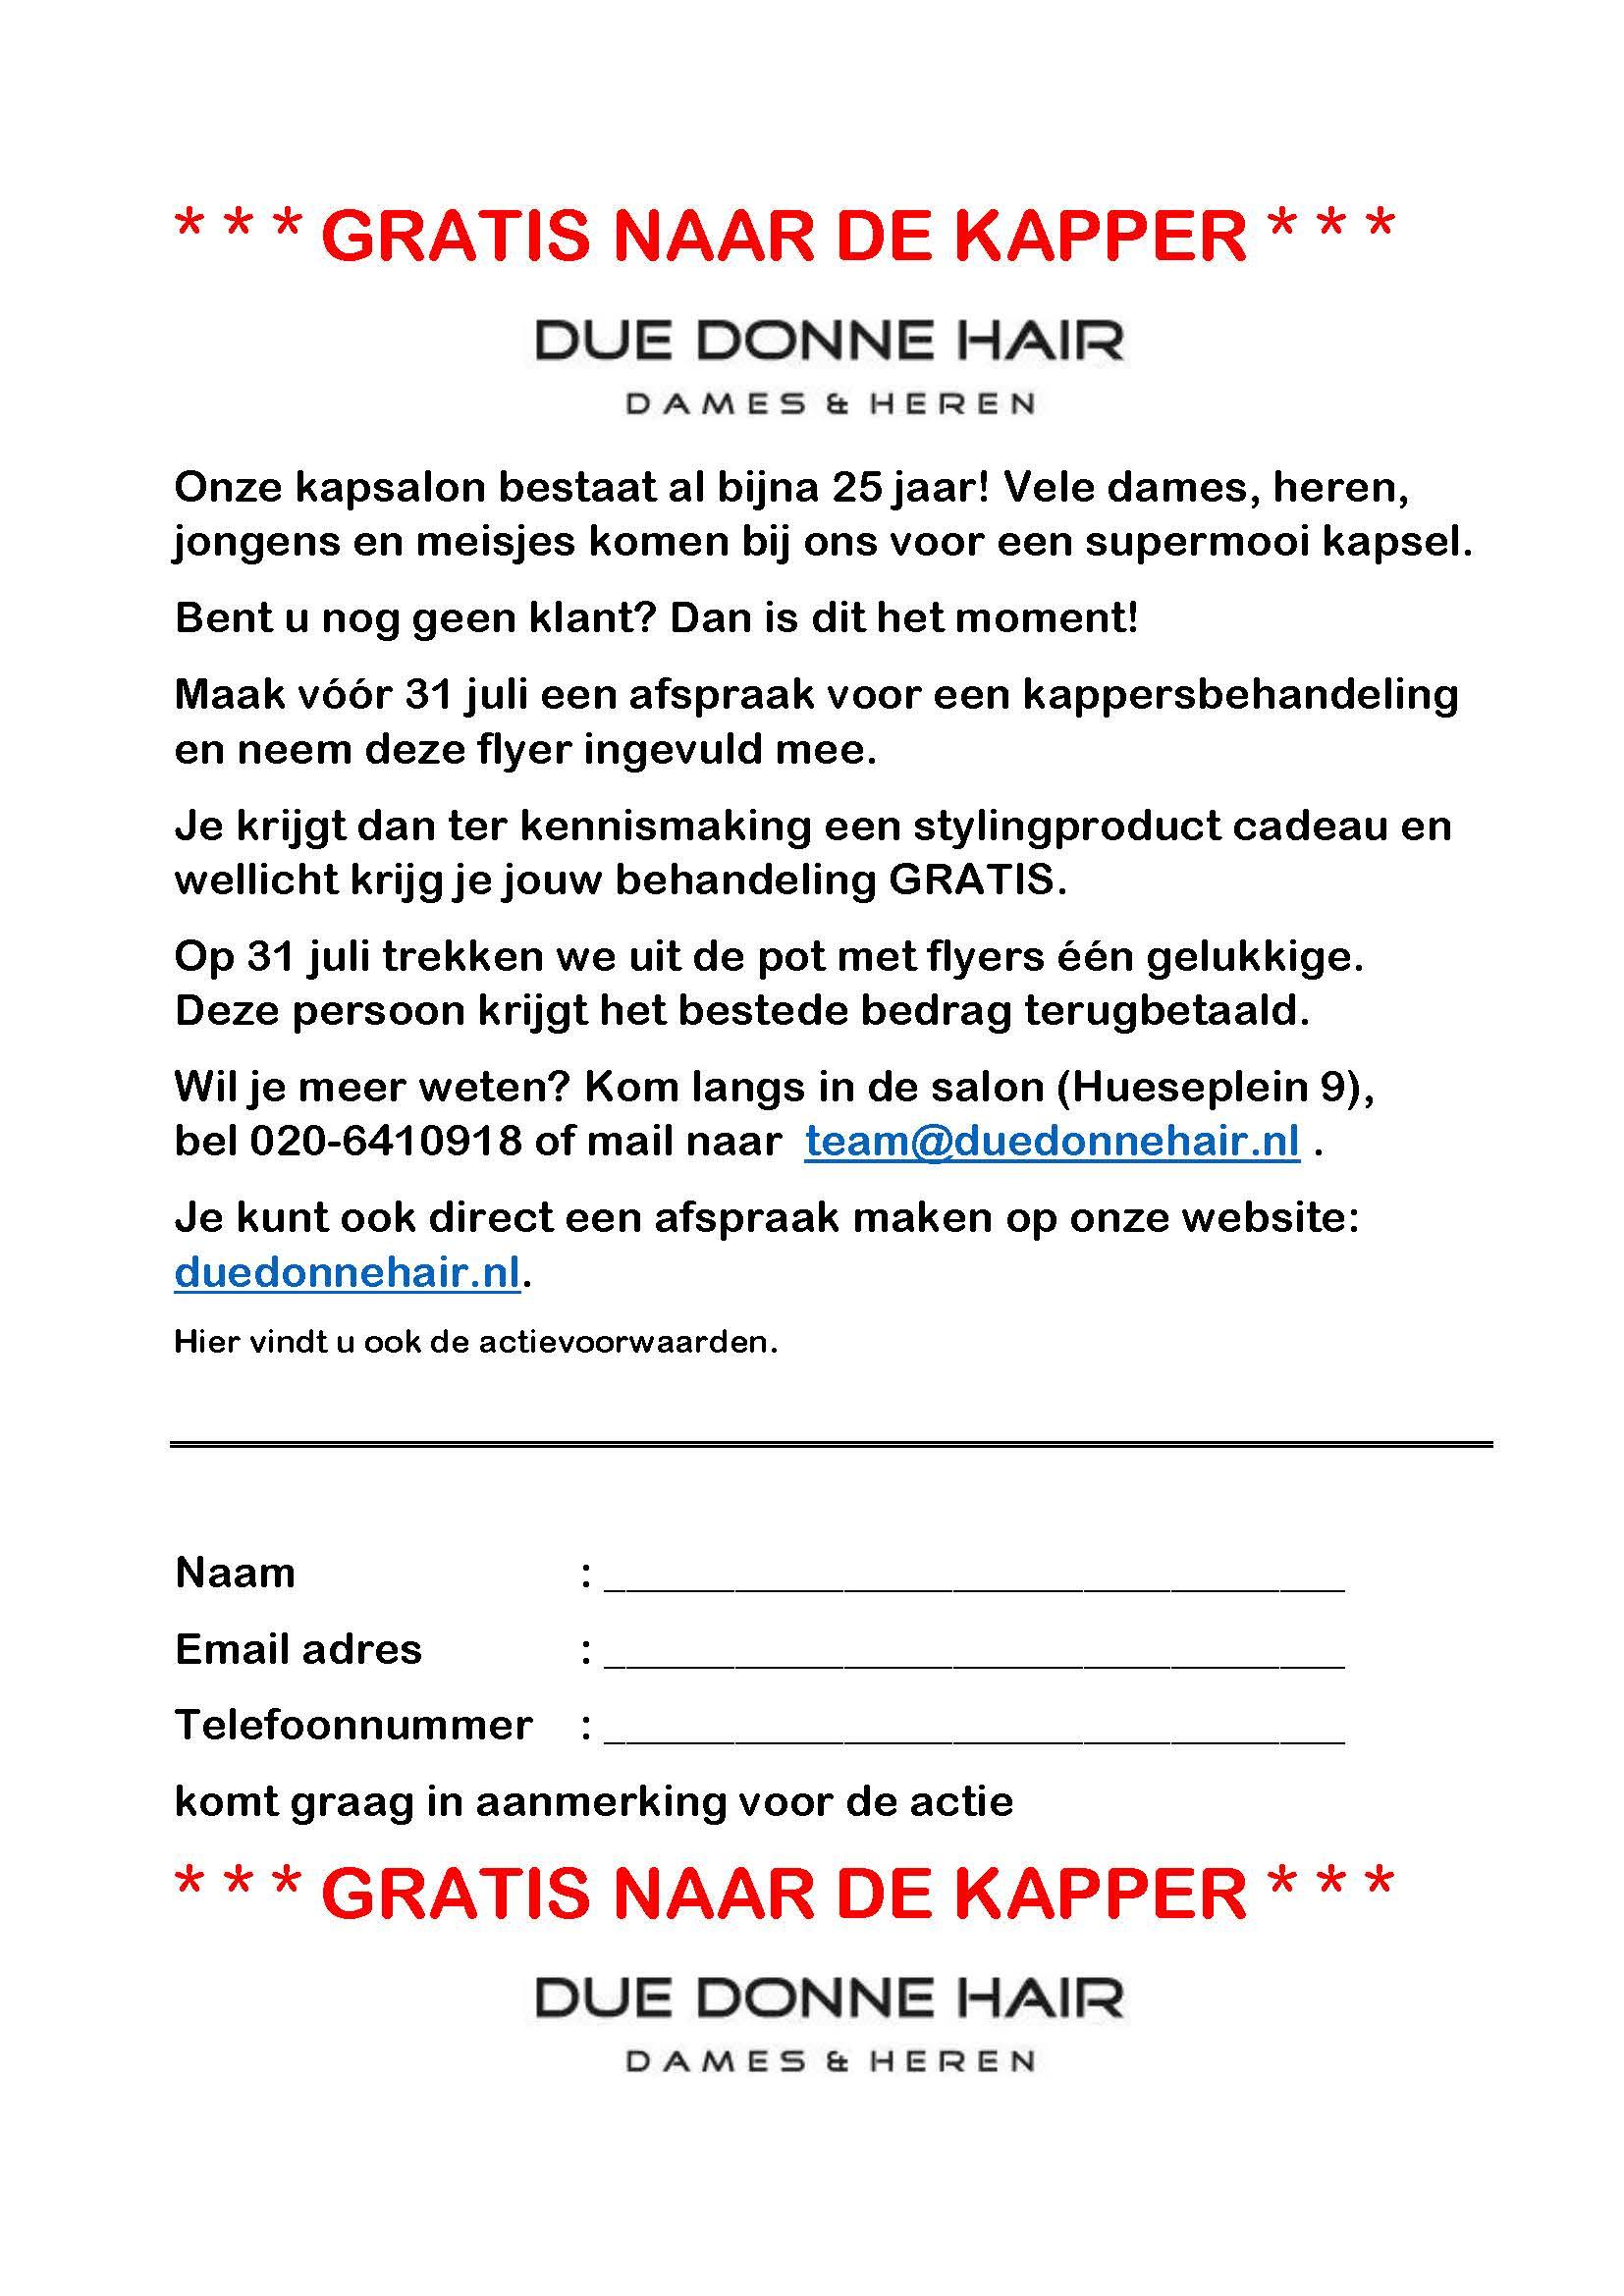 Flyer gratis naar de kapper